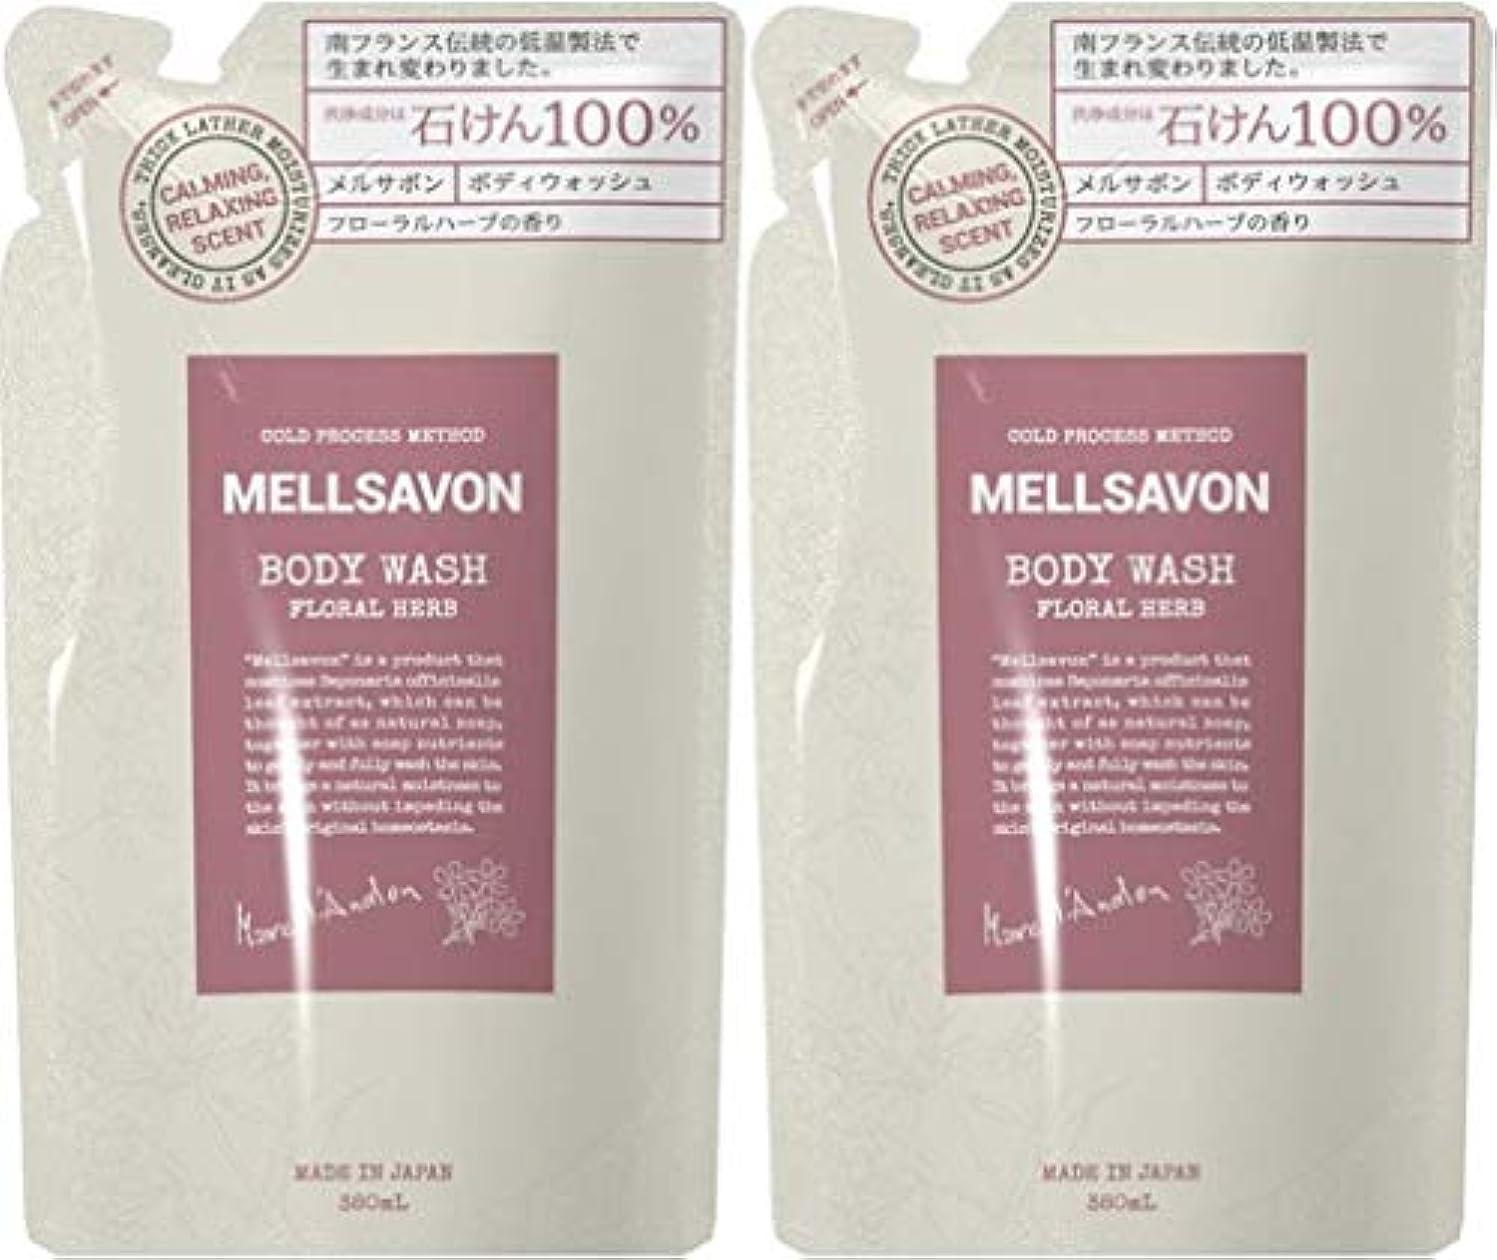 社員有名な聞きます【2個セット】MELLSAVON(メルサボン) ボディウォッシュ フローラルハーブ 〈詰替〉 (380mL)